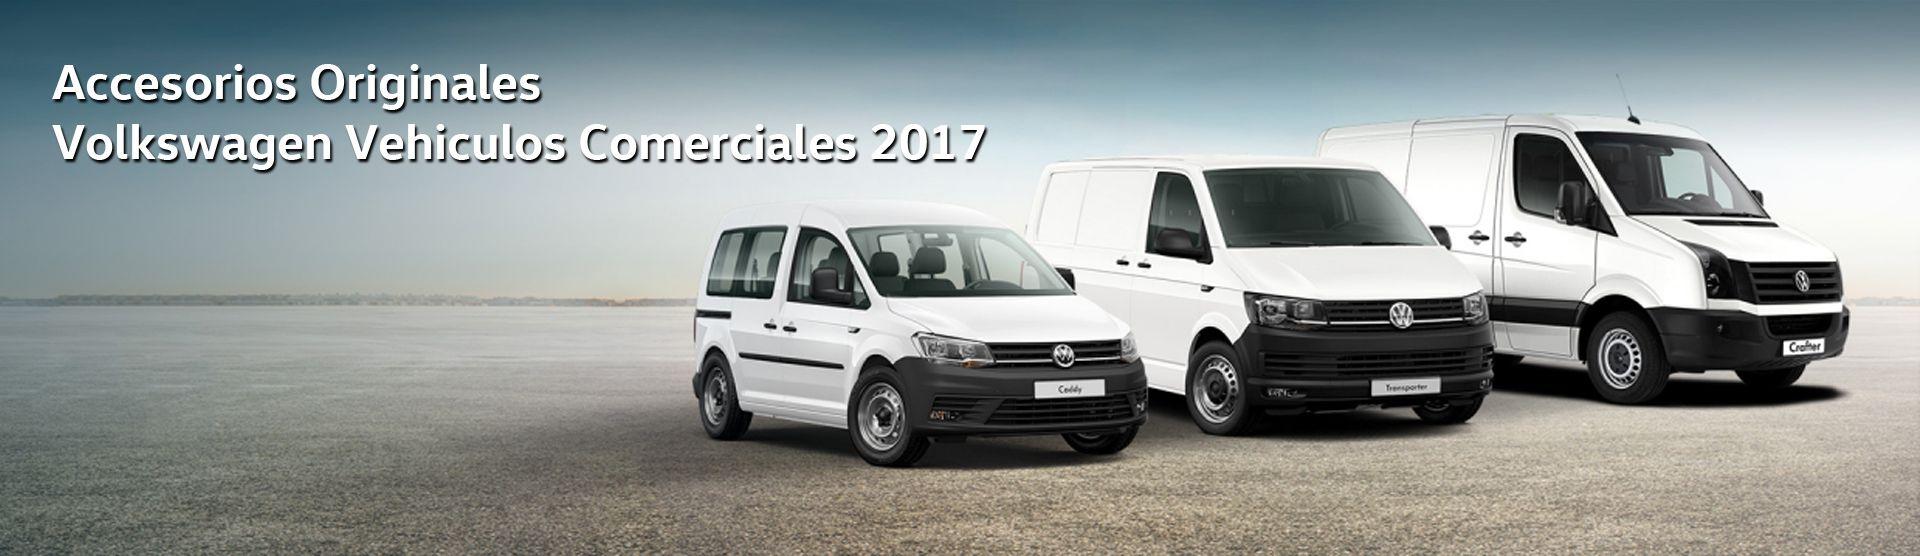 Accesorios Originales Volkswagen Vehiculos Comerciales 2017